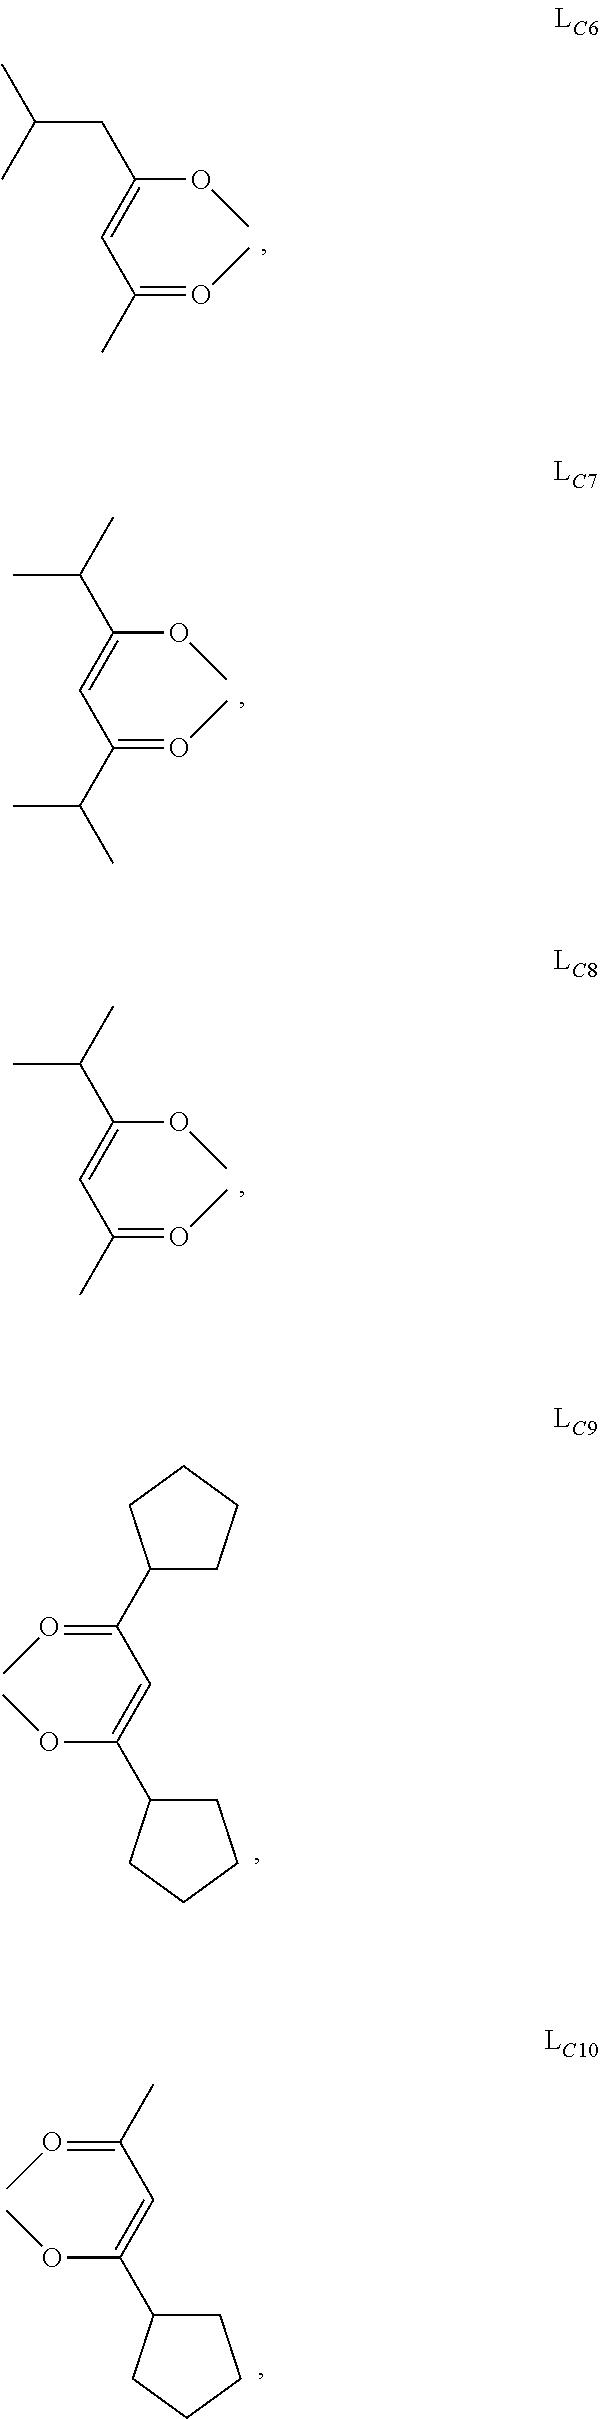 Figure US09691993-20170627-C00056